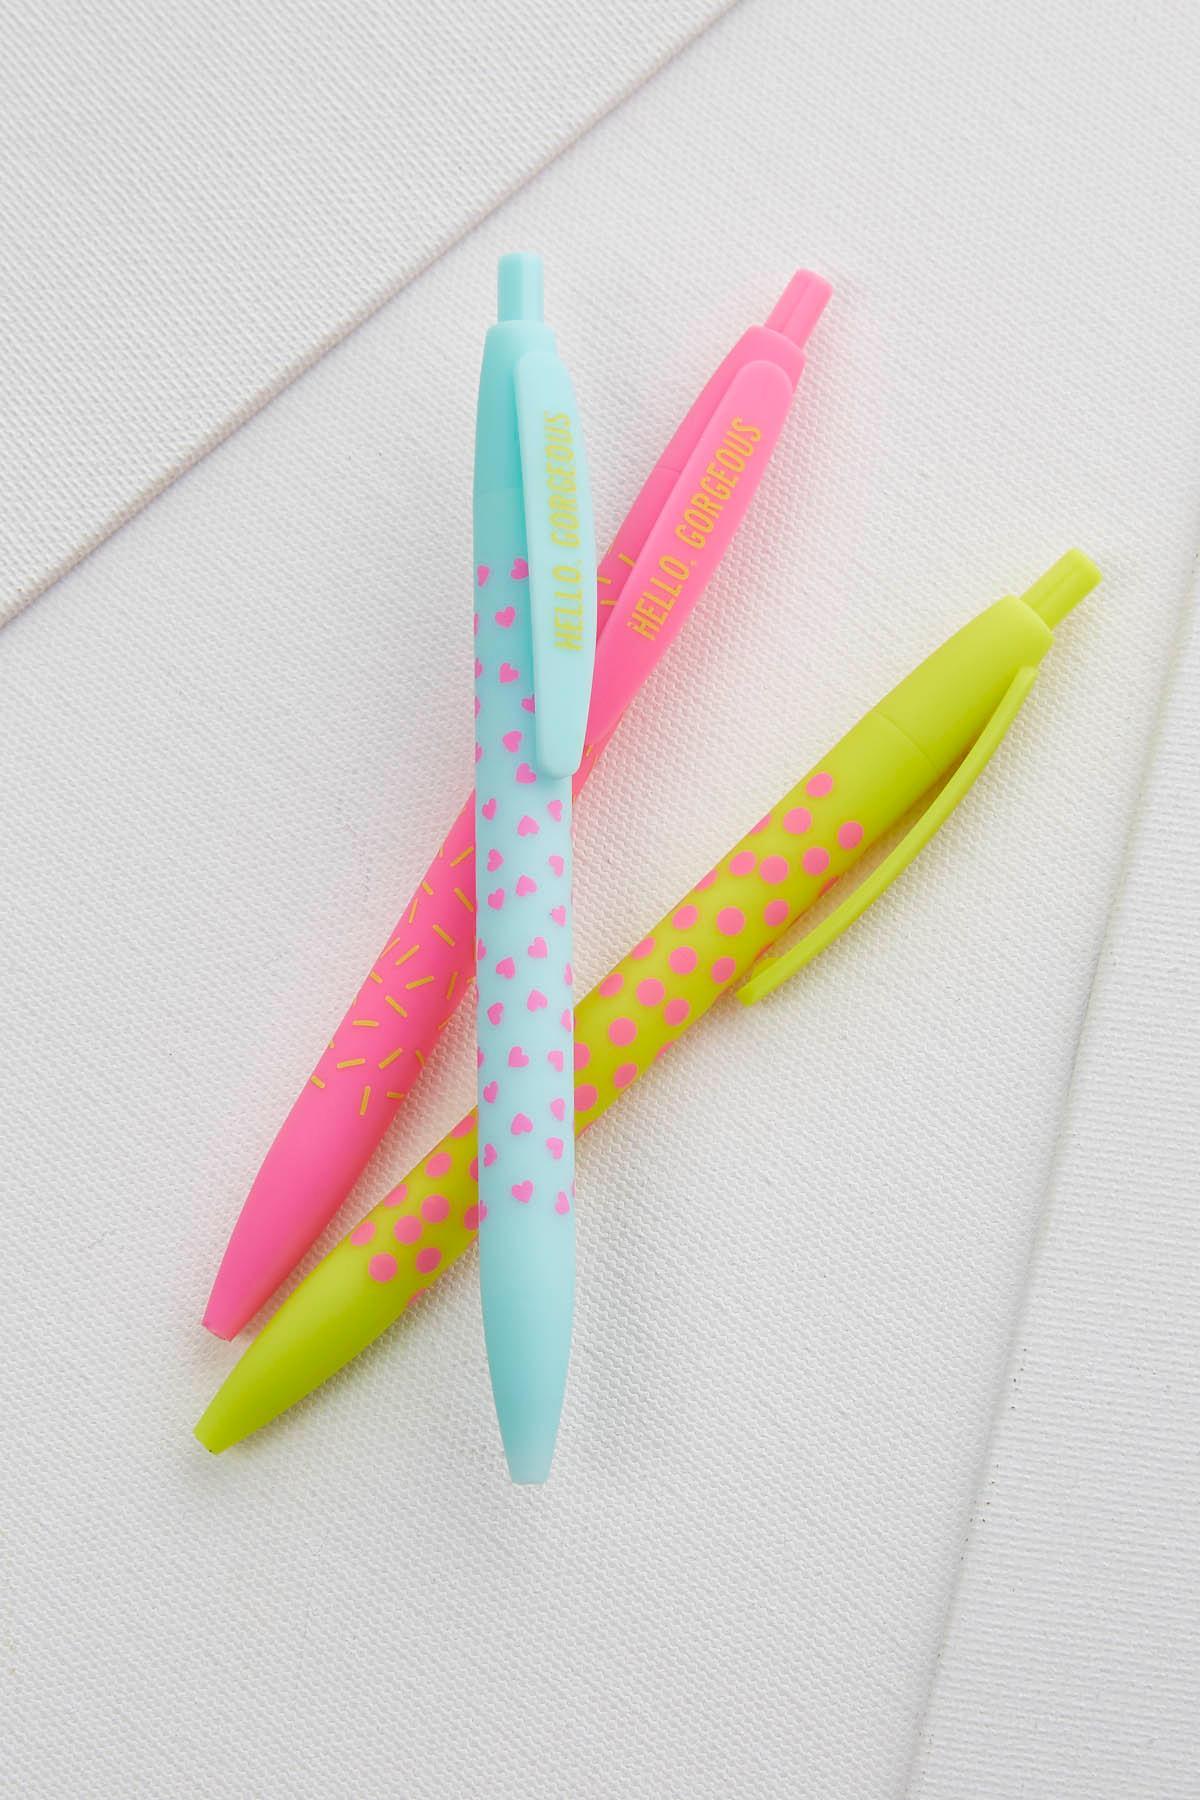 Hello Gorgeous Pens